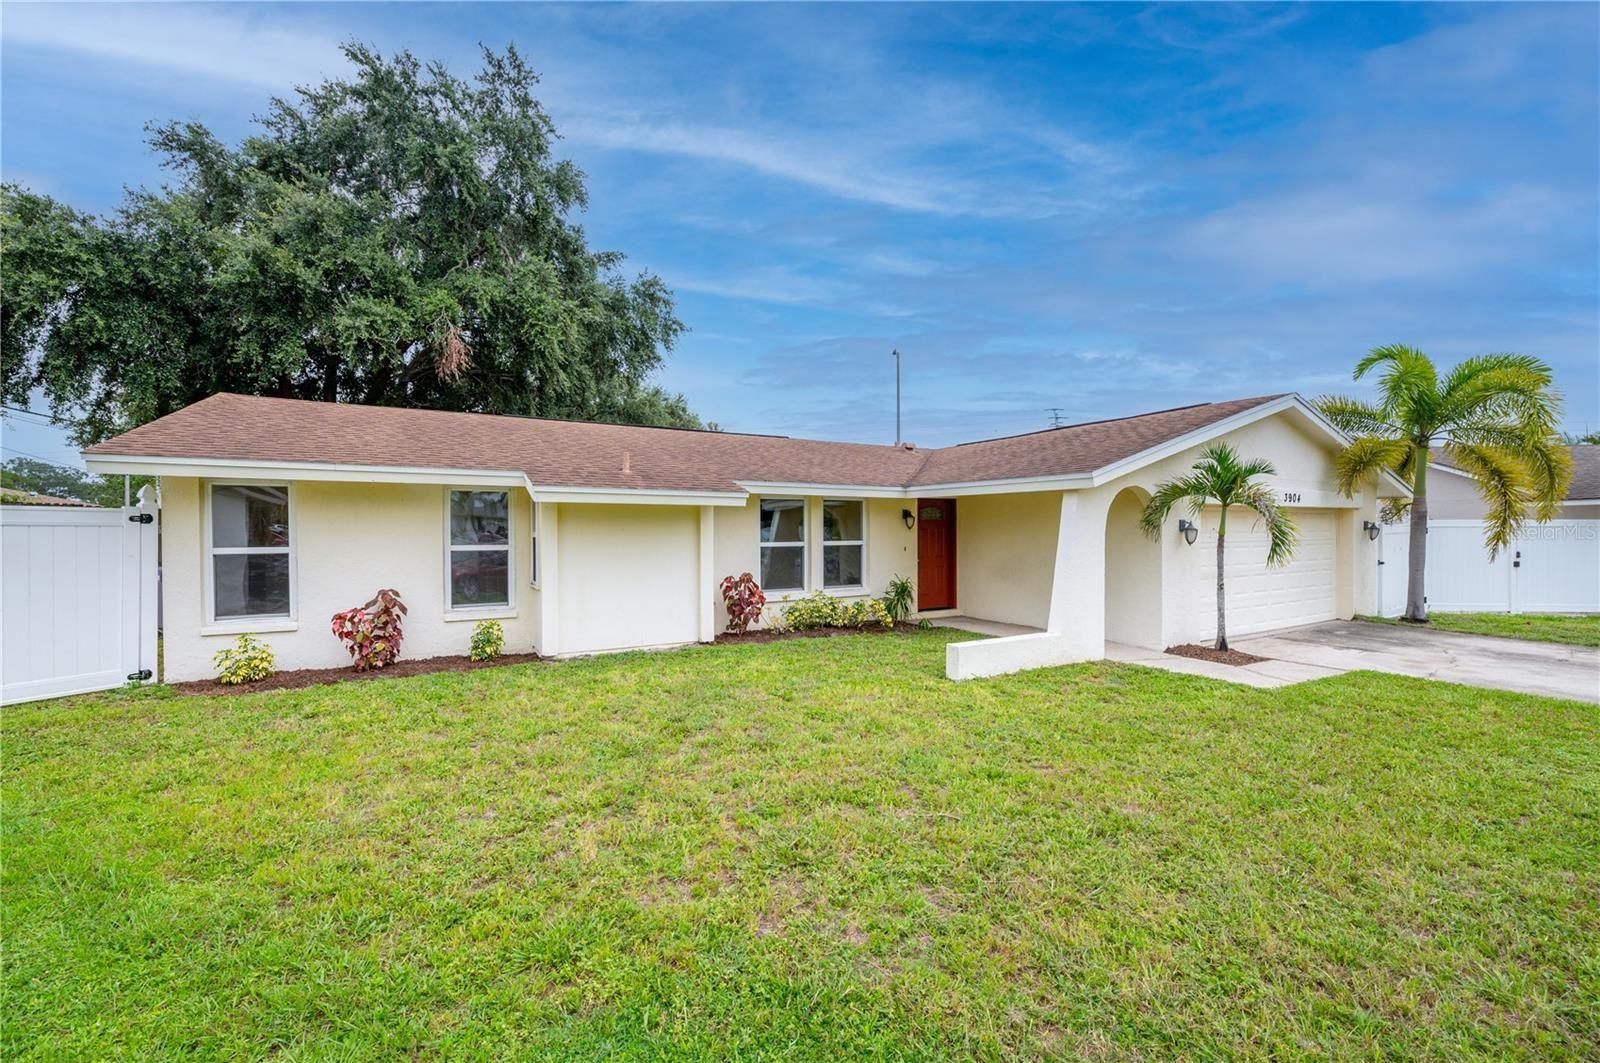 Photo of 3904 COCHISE TERRACE, SARASOTA, FL 34233 (MLS # A4509043)